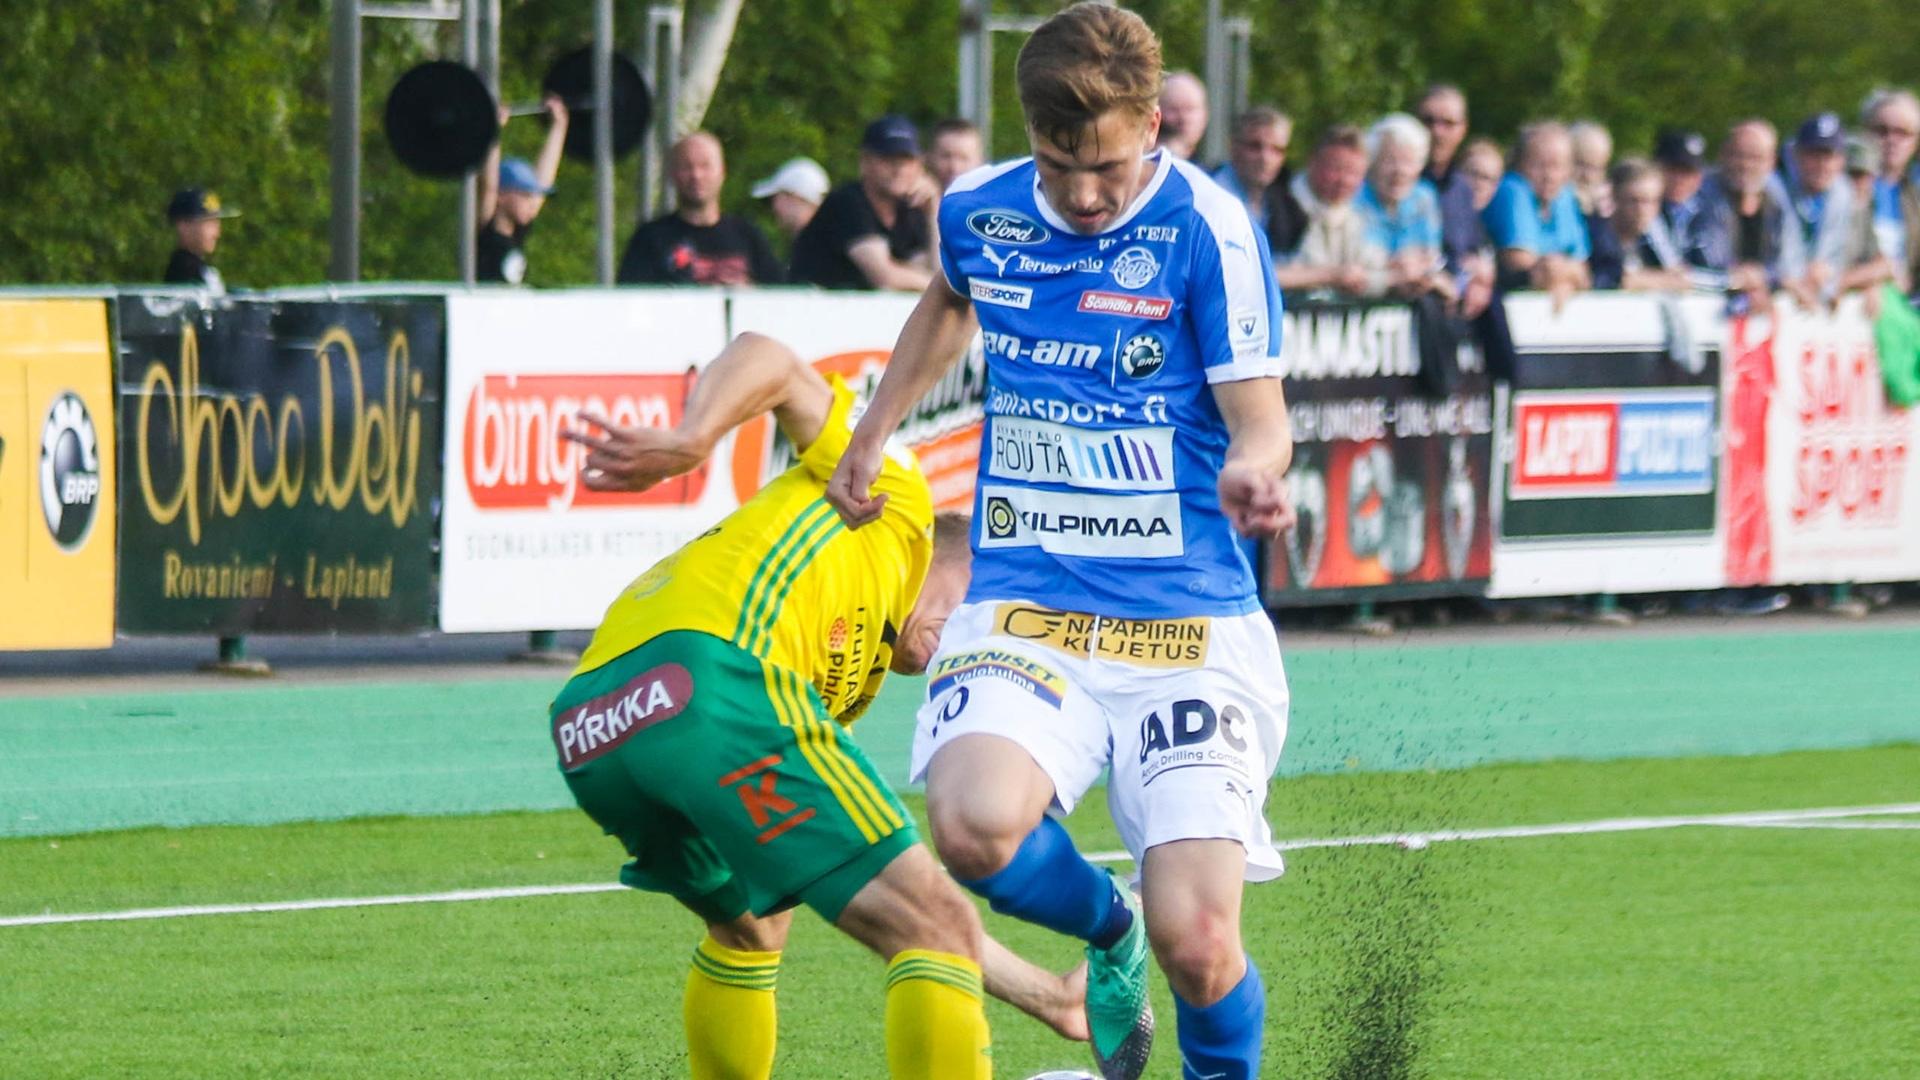 Lapin Arvokiinteistöt otteluennakko: Veikkausliigan kuumin joukkue Tampereen Ilves saapuu Napapiirille